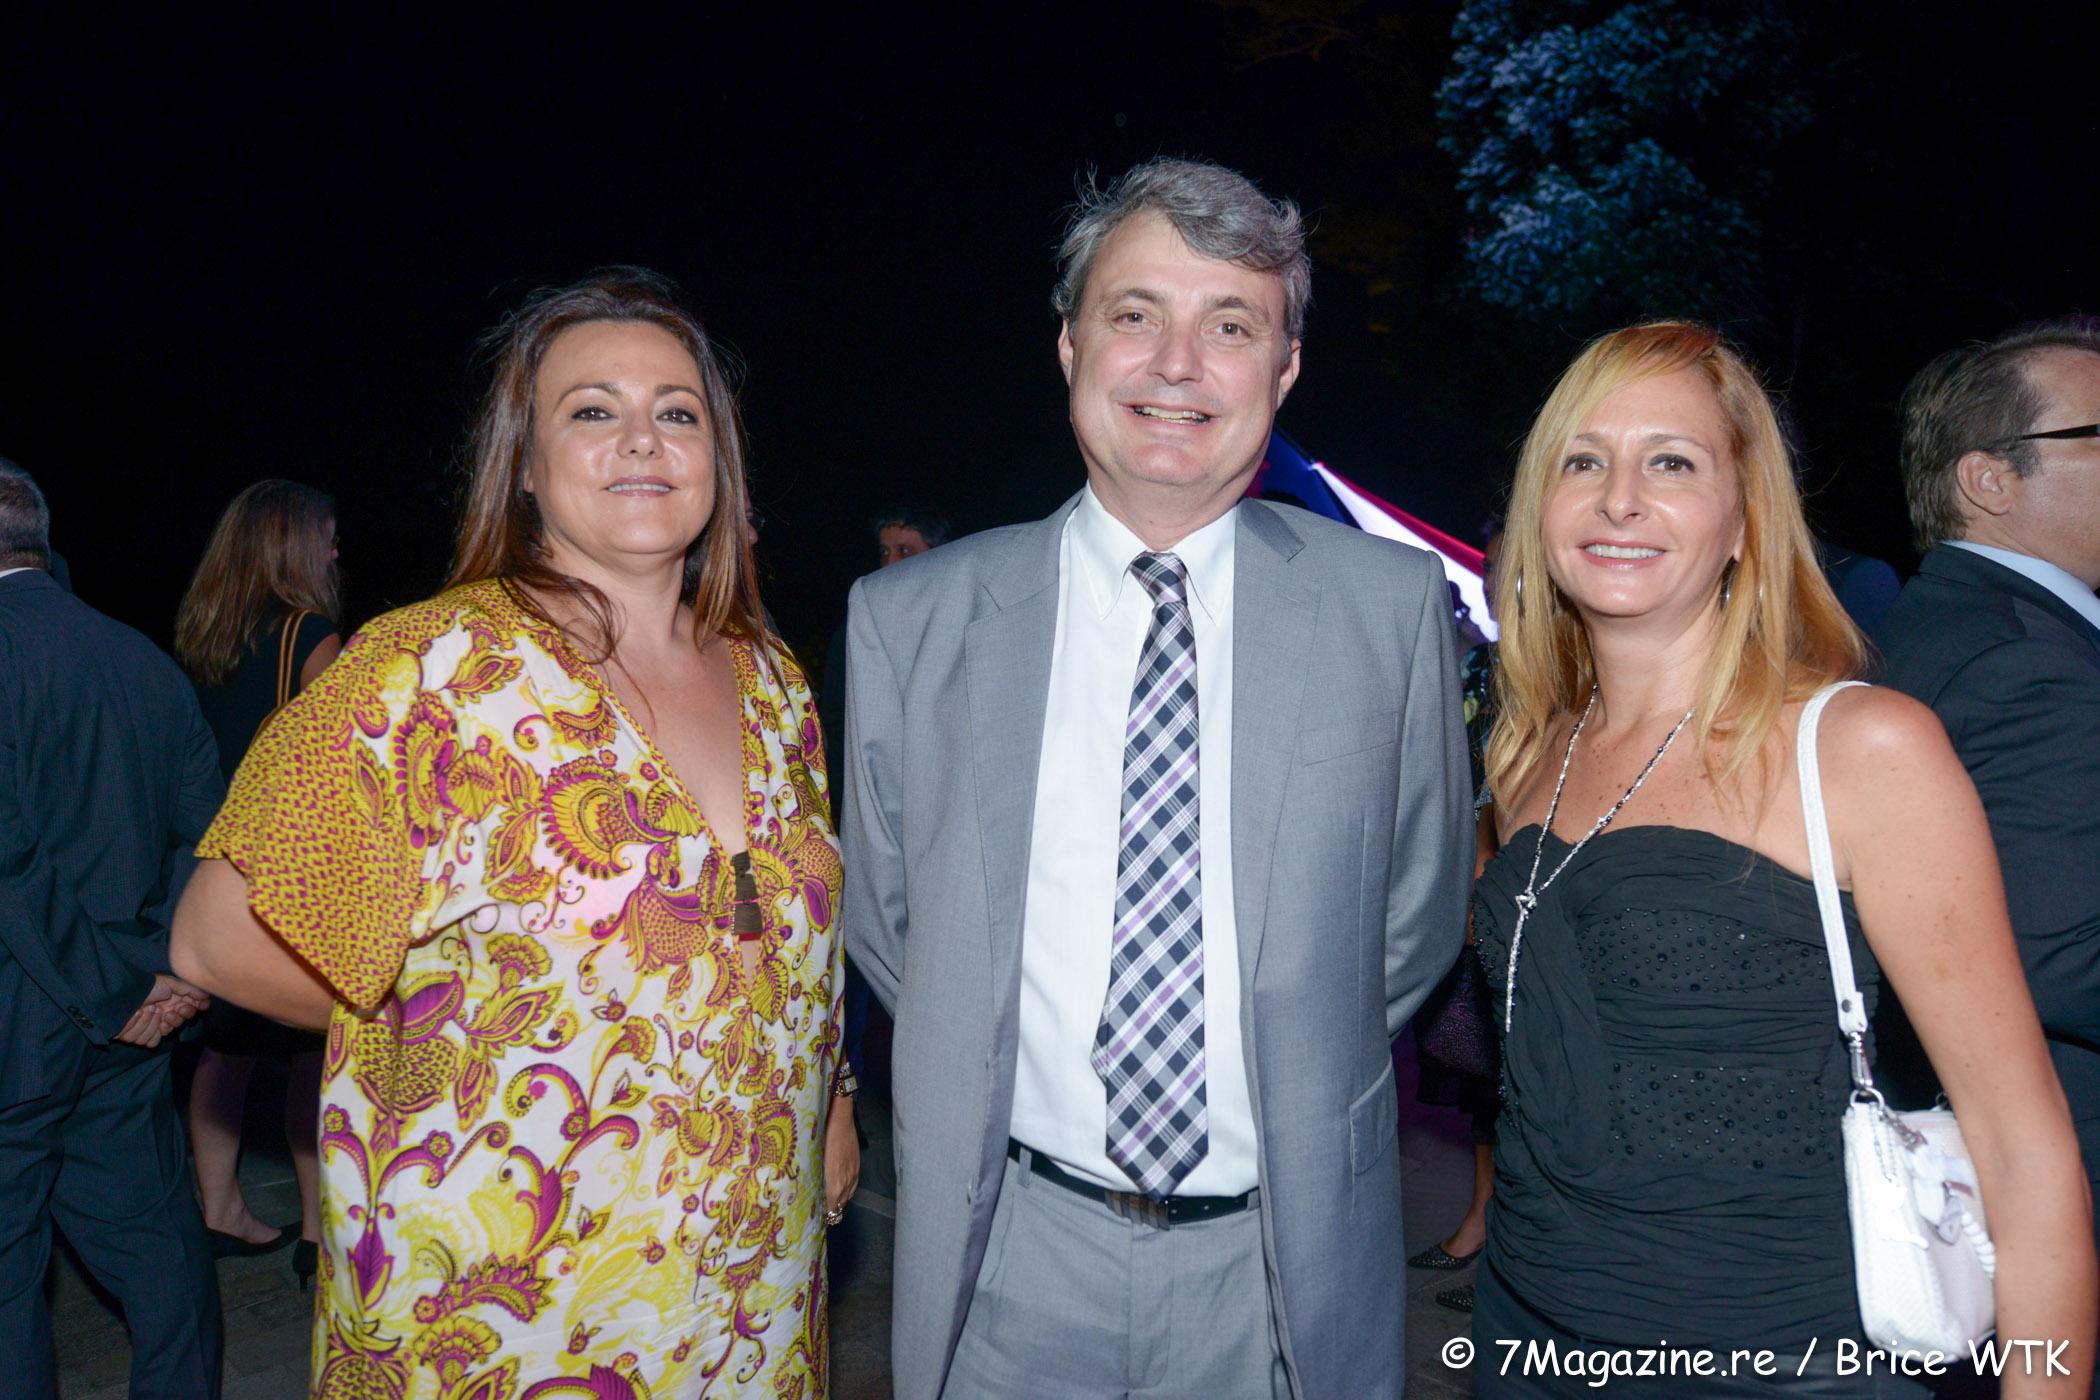 Corine Gilly, directrice de Réunion Compétence, Pierre-Alain Frécaut, expert-comptable, Sandrine Dunand-Roux, déléguée générale du Medef Réunion